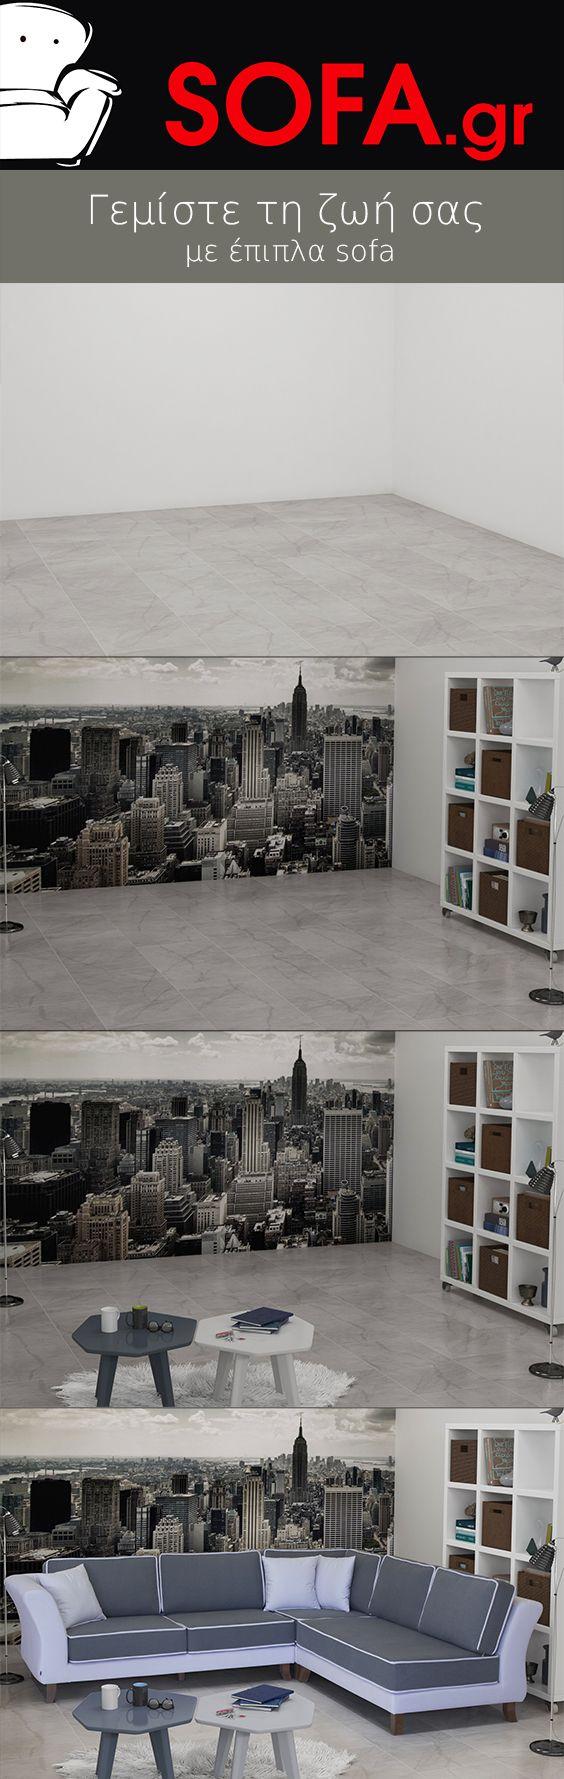 #Γωνιακός καναπές Gallery #Νεοκλασικός #καναπές που ταιριάζει άψογα σε #κλασικούς αλλά και σε #μοντέρνους,διακοσμημένους χώρους. Φροντισμένος και στην παραμικρή λεπτομέρεια, με στοιχεία που θα σας κάνουν περήφανους για την επιλογή σας.  Χρησιμοποιήσαμε σκελετό οξιάς με κόντρα πλακέ θαλάσσης 20 mm, για να είναι ανθεκτικός, μοντέλο για μια ζωή. Ξύλινα, ιδιαίτερα φροντισμένα πόδια, με κλίση, στολίζουν τον καναπέ ενισχύοντας την κλασική αισθητικη Ολοκληρώσαμε την συγκεκριμένη αισθητική, με…